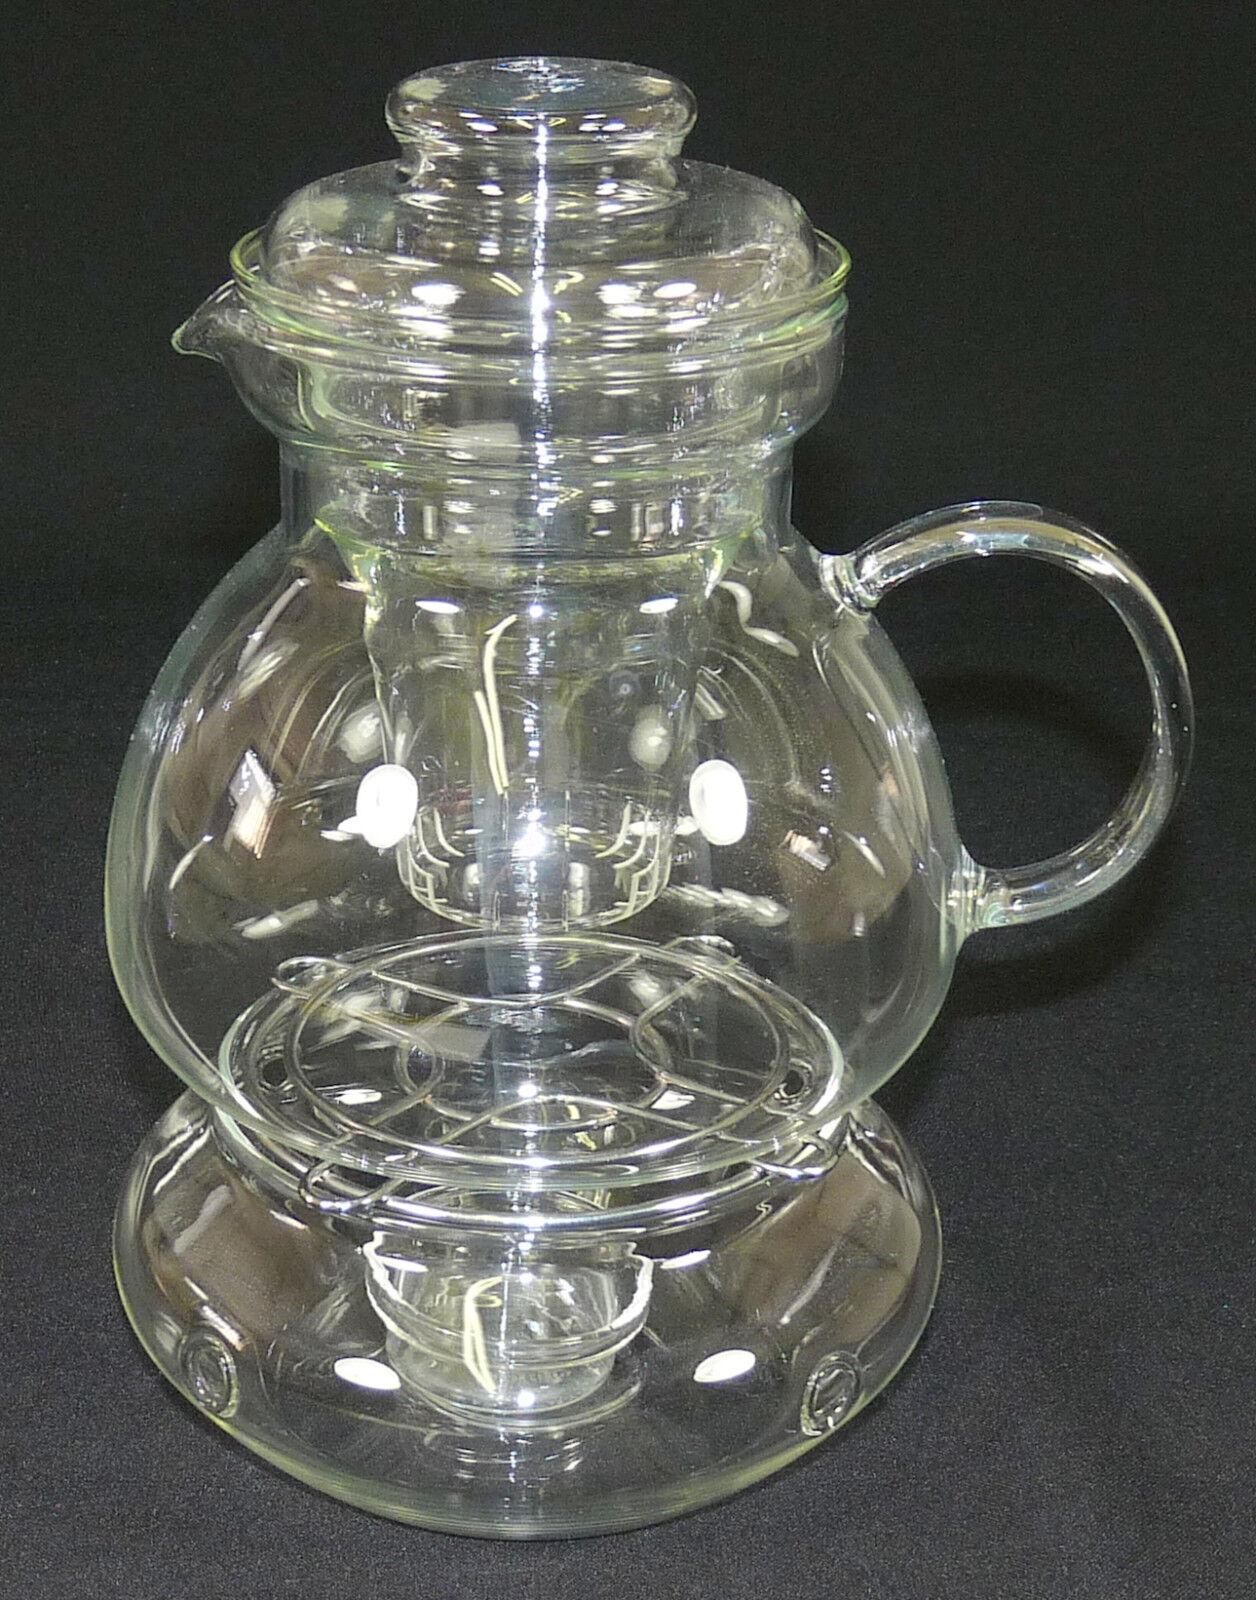 Jenaer verre-cafetière théière avec utilisation & réchaud-réfractaire